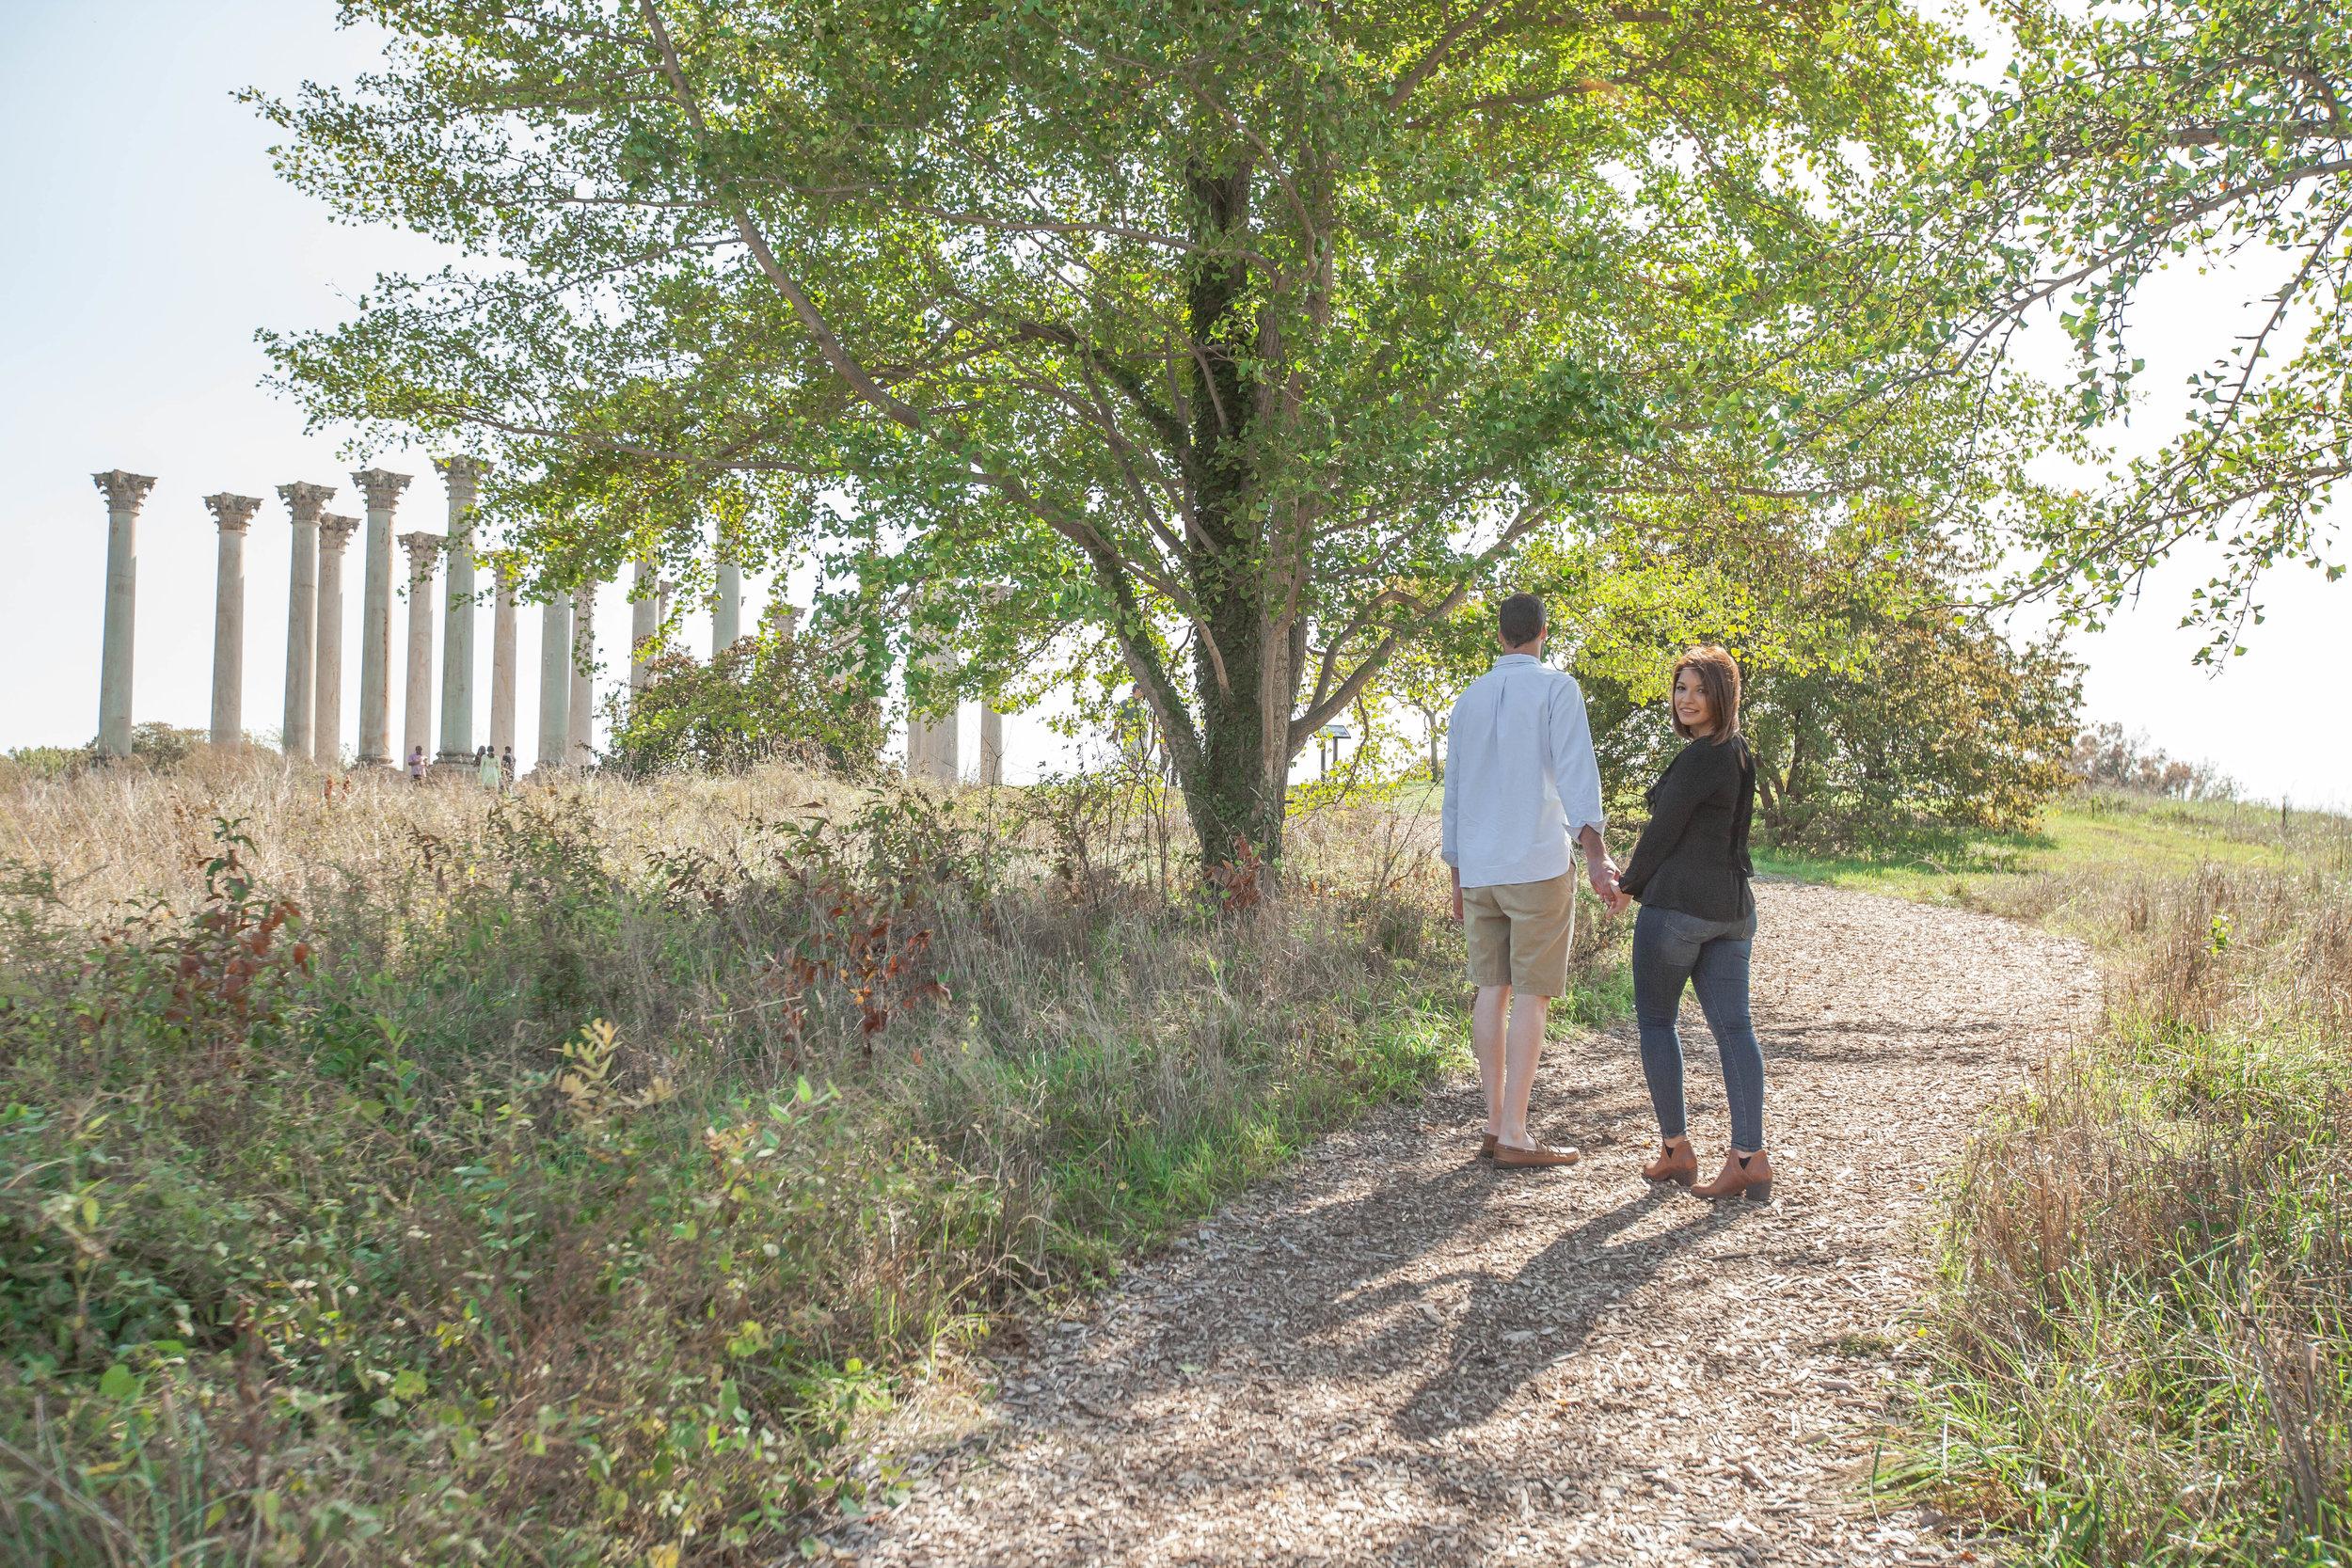 Elva&Michael.Arboretum-9960.jpg